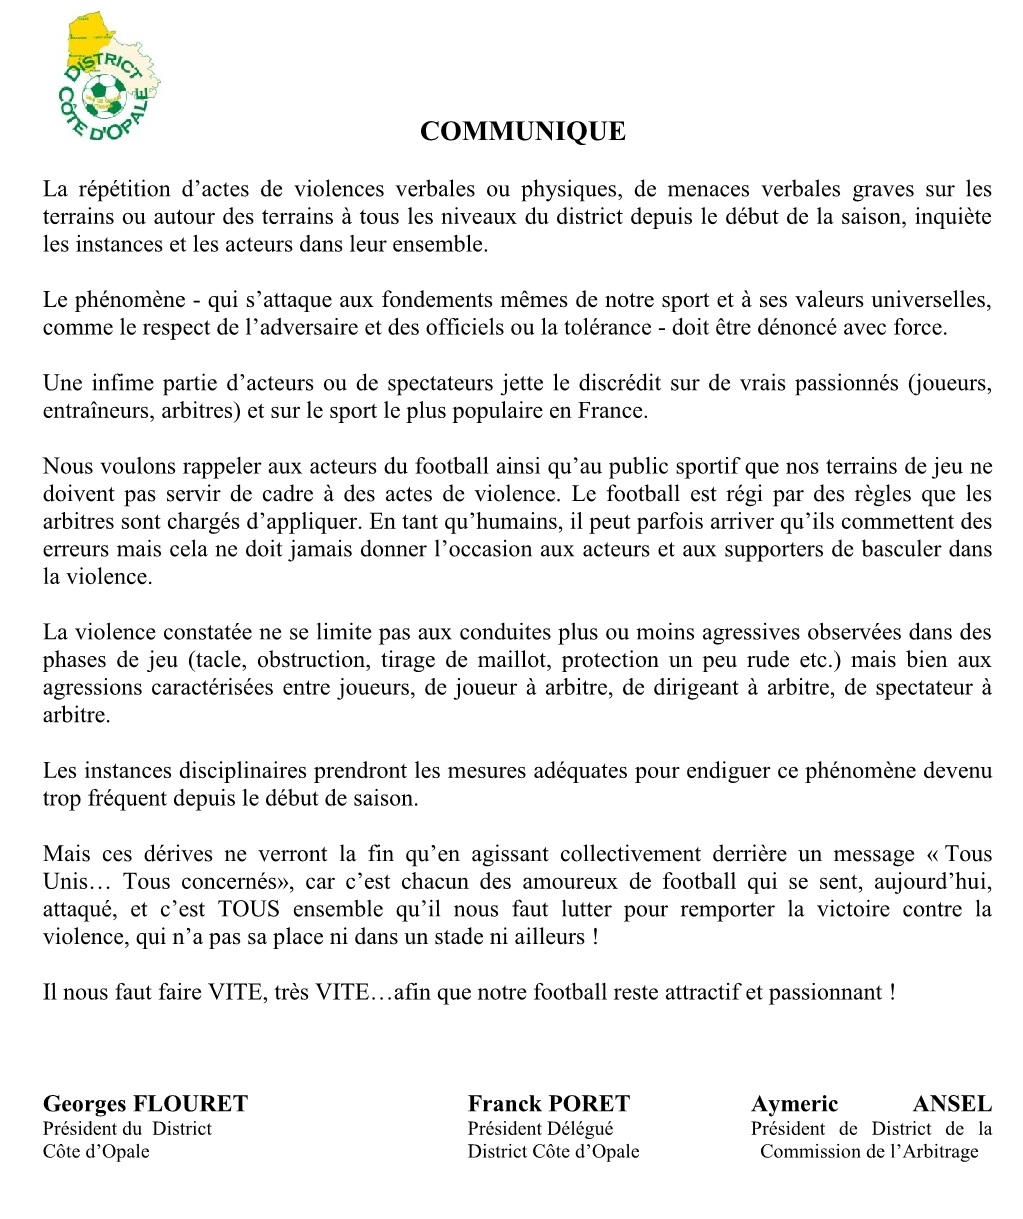 COMMUNIQUE-DU-DISTRICT-COTE-DOPALE1-1.jpg